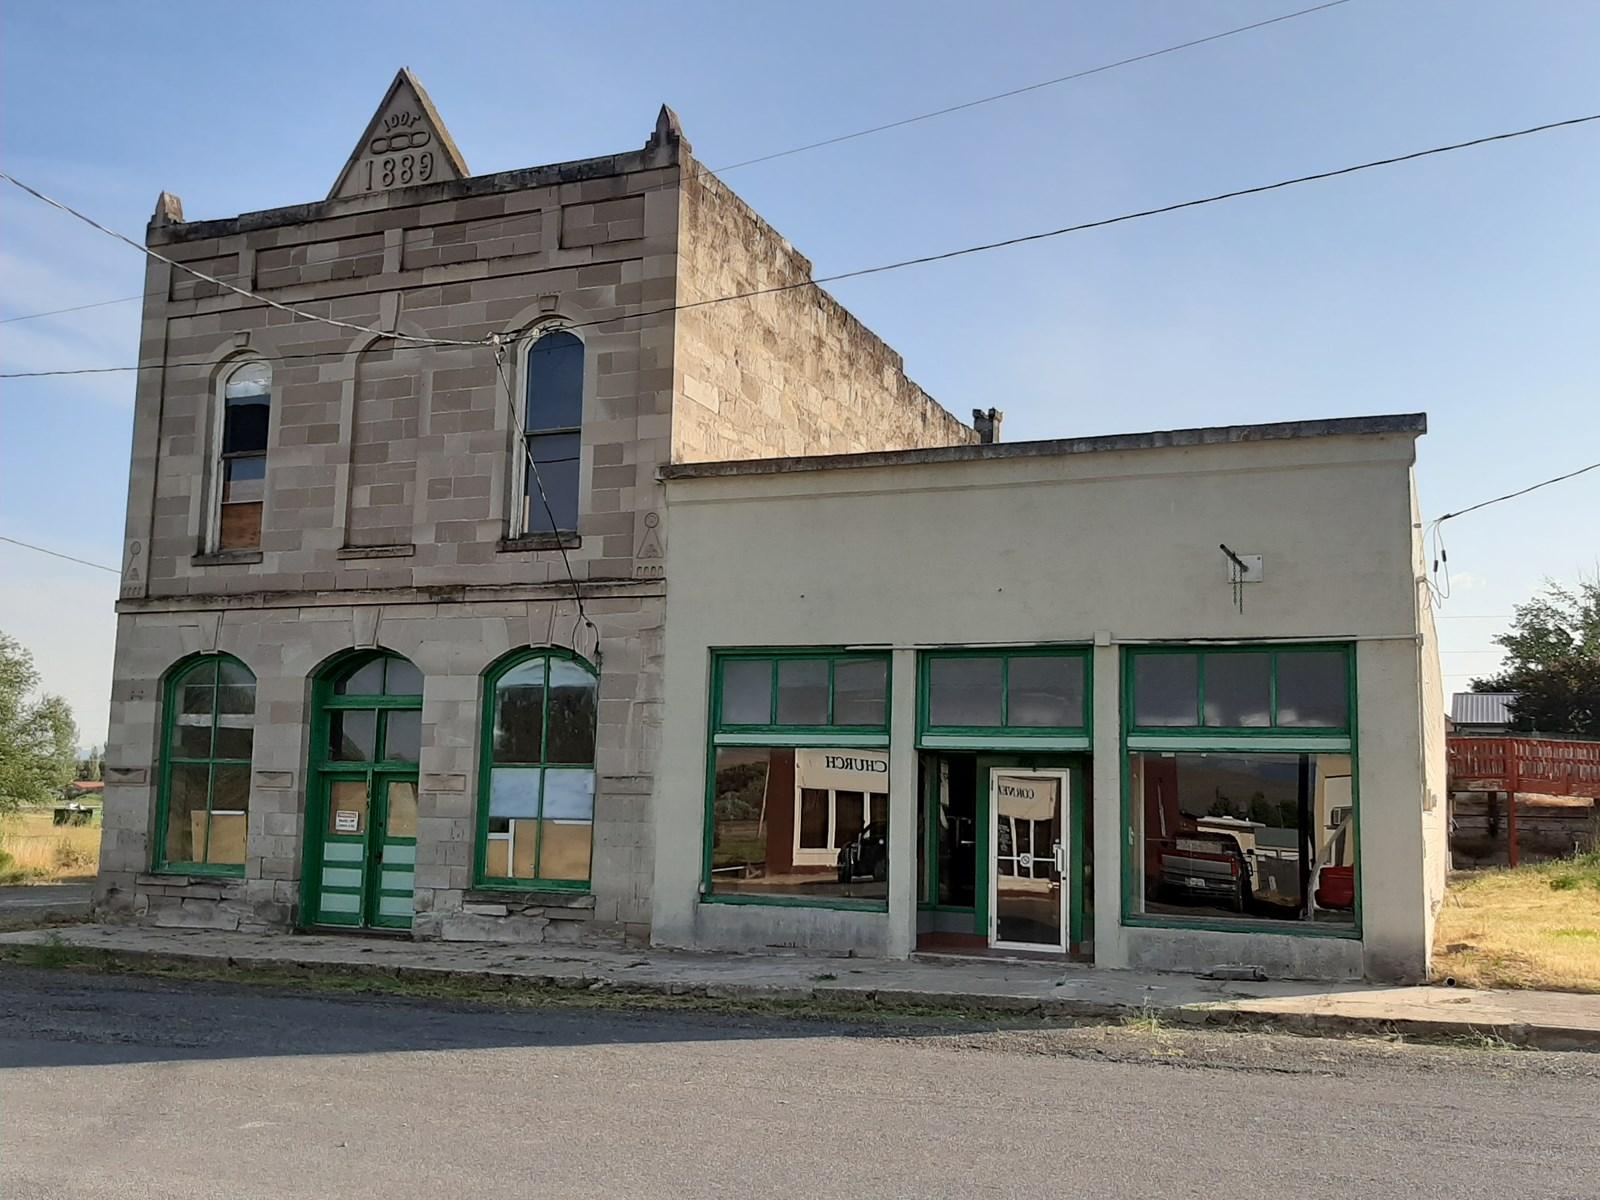 1899 North Powder Oregon Commercial Building